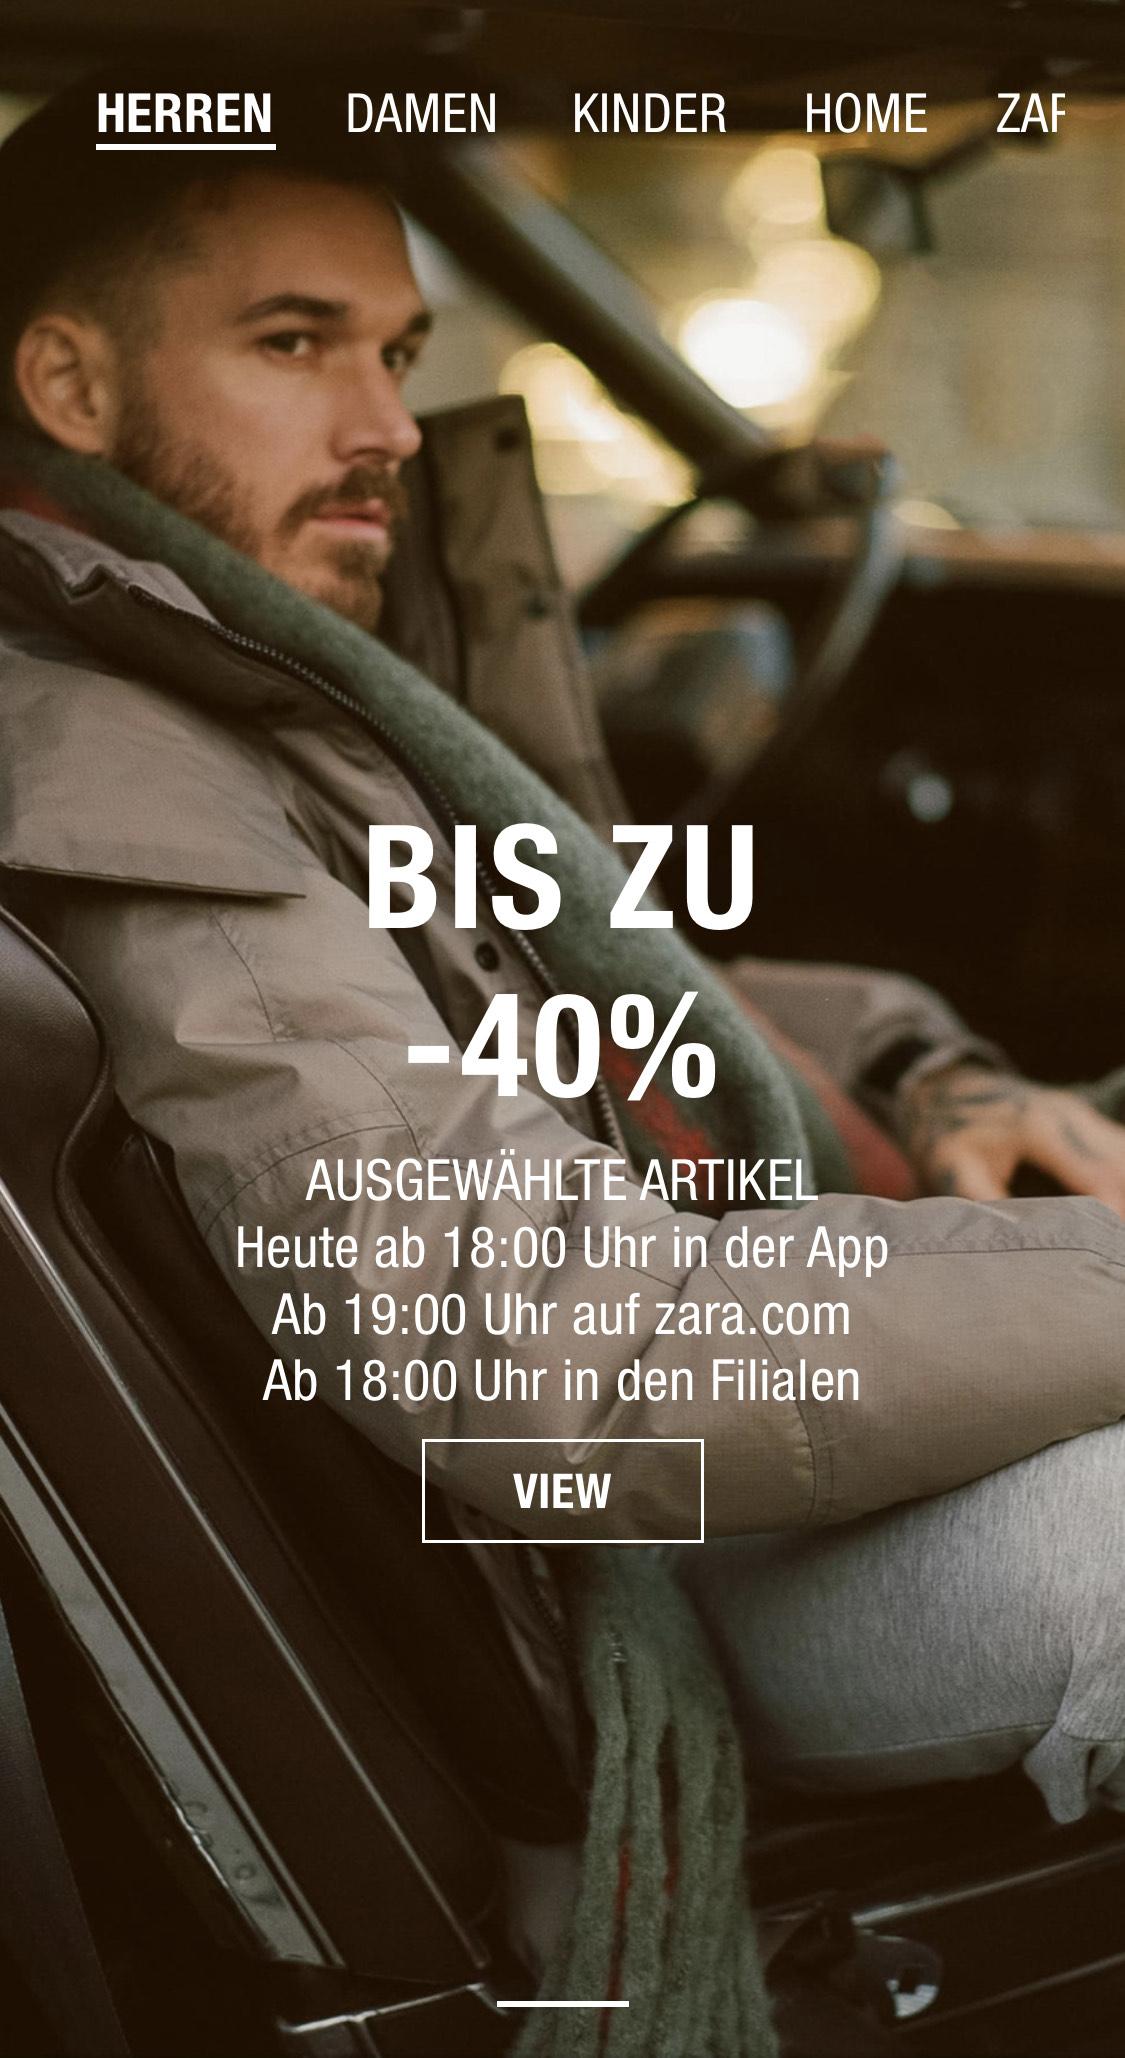 Zara black friday sale bis zu 40%